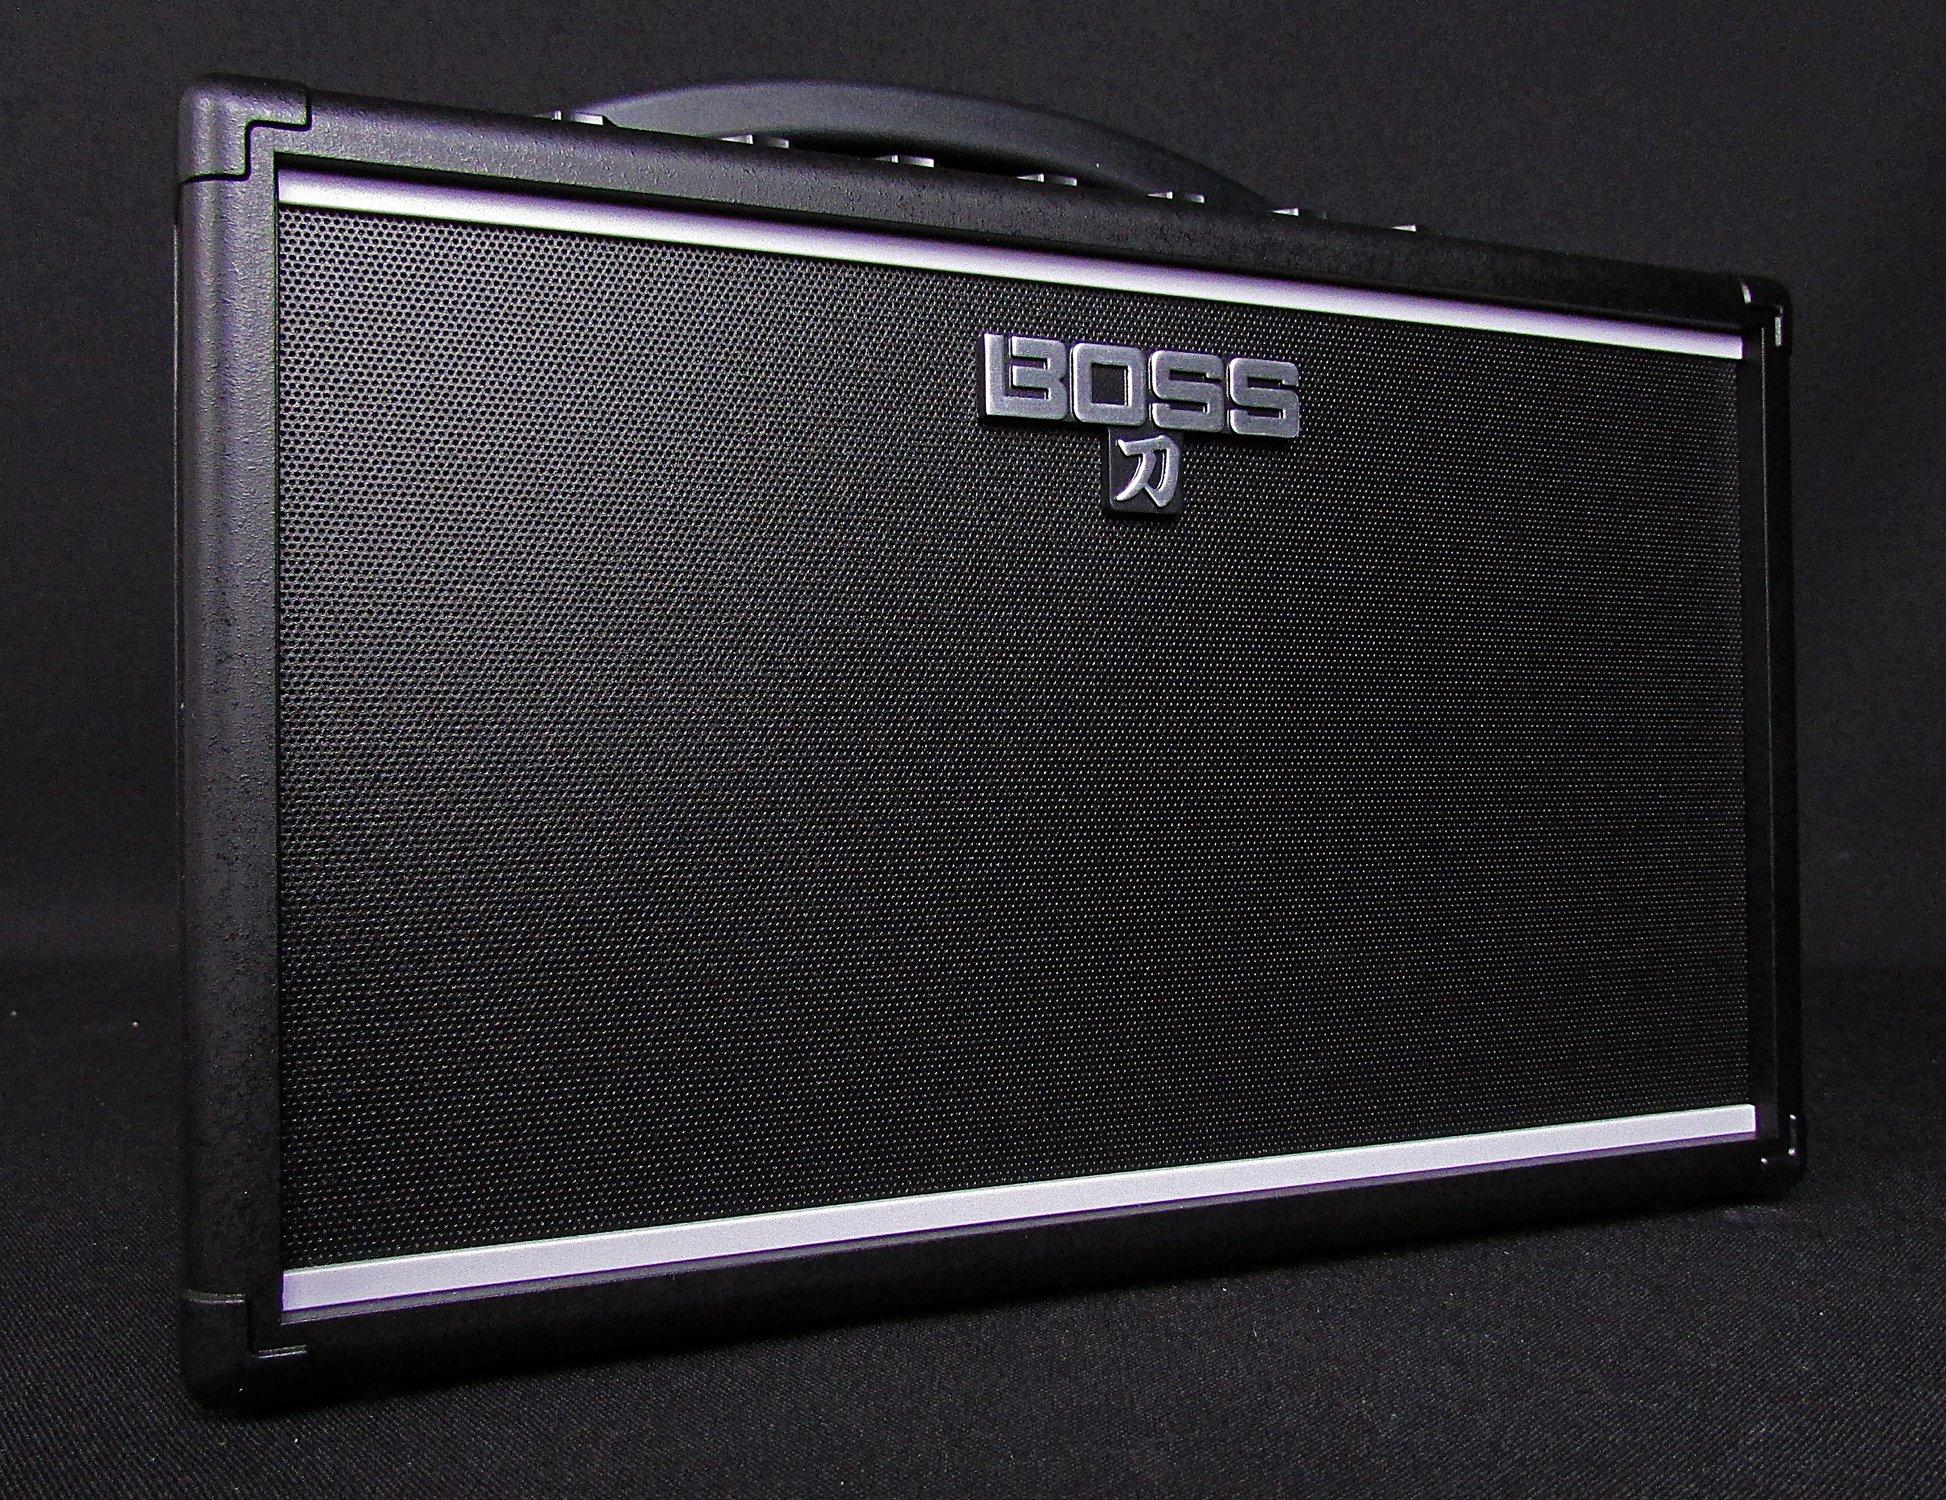 Boss Katana Mini 7 Watt Portable Amp